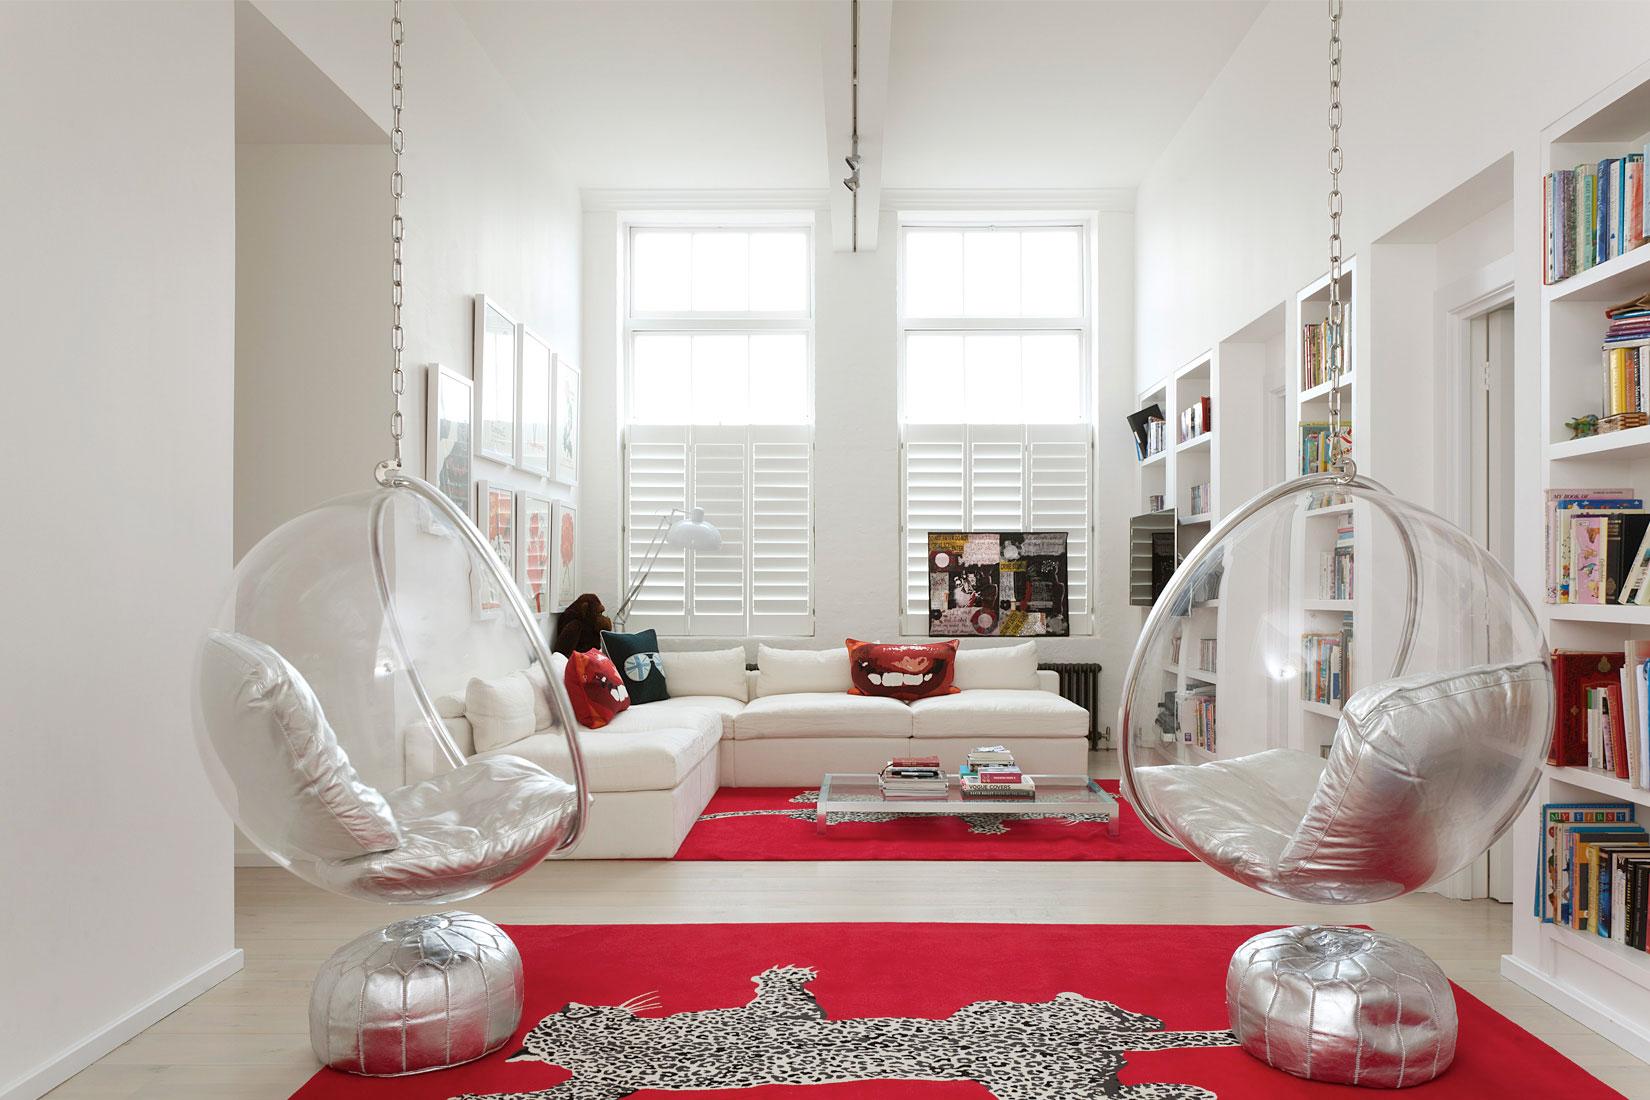 Кресло-шар – уютное место отдыха для всех гостей и домочадцев (24 фото)